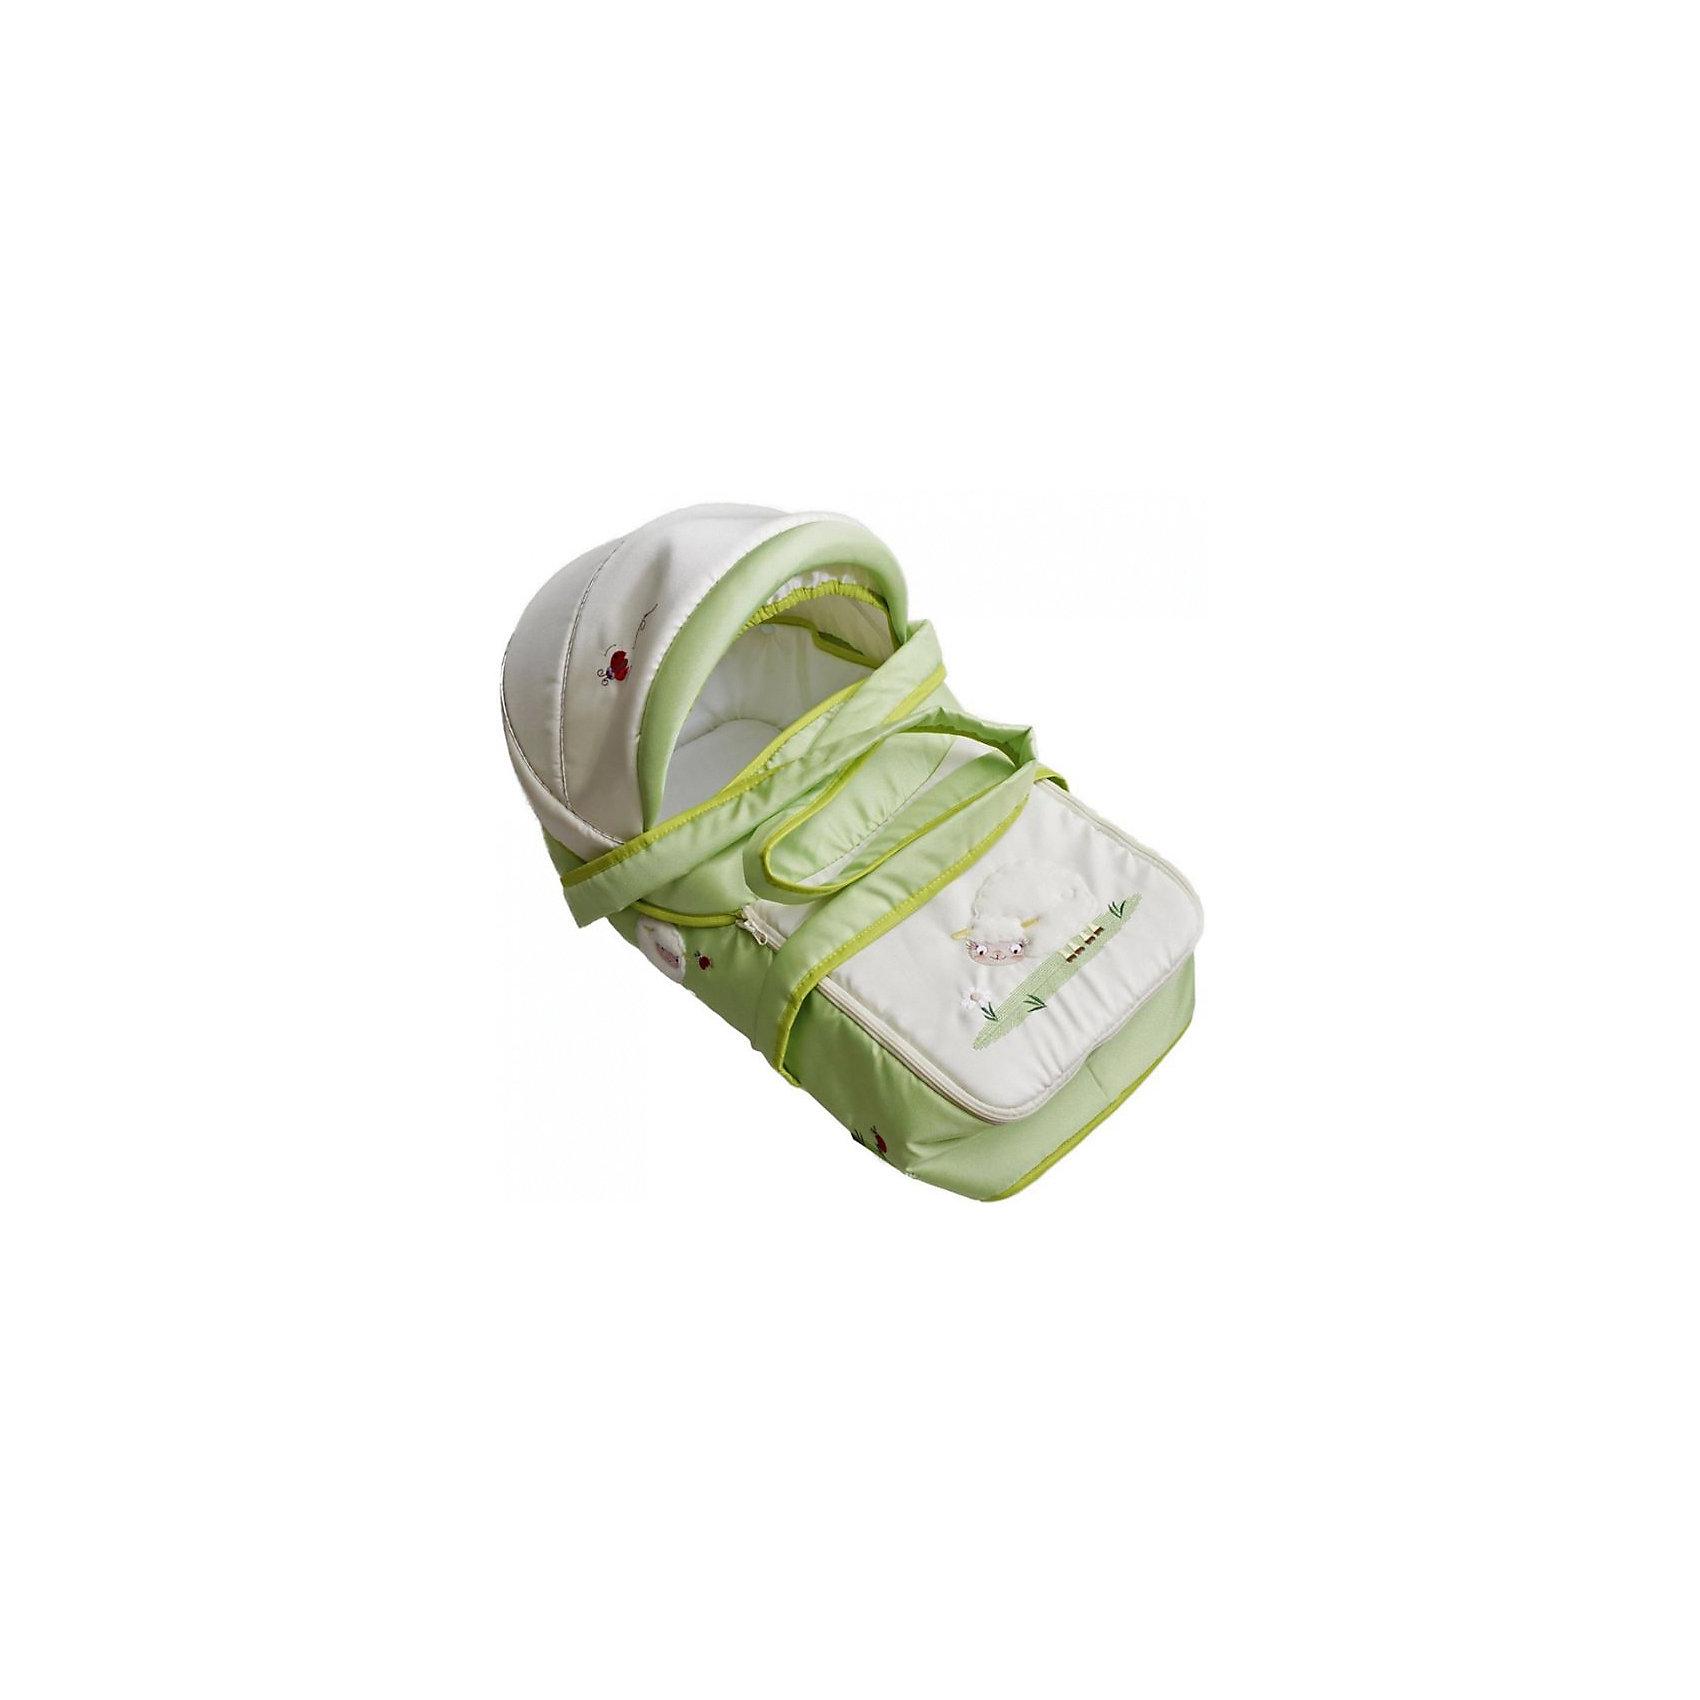 Люлька-переноска для коляски ВЕСЕЛЫЕ ЗВЕРЯТА, Лео, На лугуКрасивая удобная люлька-переноска для коляски позволит переносить ребенка, не беспокоясь при этом о его безопасности. Боковины и изголовье изделия укреплены, поэтому малыш будет защищен от внешних вмешательств. Люлька оснащена ручками для переноски, капор отстегивается. Высокие бортики защитят малыша от непогоды. <br>Внутренняя обивка сделана из 100% хлопка. Конструкция  - очень удобная и прочная. Изделие произведено из качественных и безопасных для малышей материалов, оно соответствуют всем современным требованиям безопасности.<br> <br>Дополнительная информация:<br><br>цвет: желтый;<br>для детей весом до 8 кг;<br>боковины и изголовье укреплены;<br>капор отстегивается;<br>ручки для переноски;<br>высокие бортики;<br>внутренняя обивка из 100% хлопка.<br><br>Люльку-переноску для коляски ВЕСЕЛЫЕ ЗВЕРЯТА, На лугу, от компании Лео можно купить в нашем магазине.<br><br>Ширина мм: 640<br>Глубина мм: 290<br>Высота мм: 150<br>Вес г: 1450<br>Возраст от месяцев: 0<br>Возраст до месяцев: 4<br>Пол: Унисекс<br>Возраст: Детский<br>SKU: 4720076